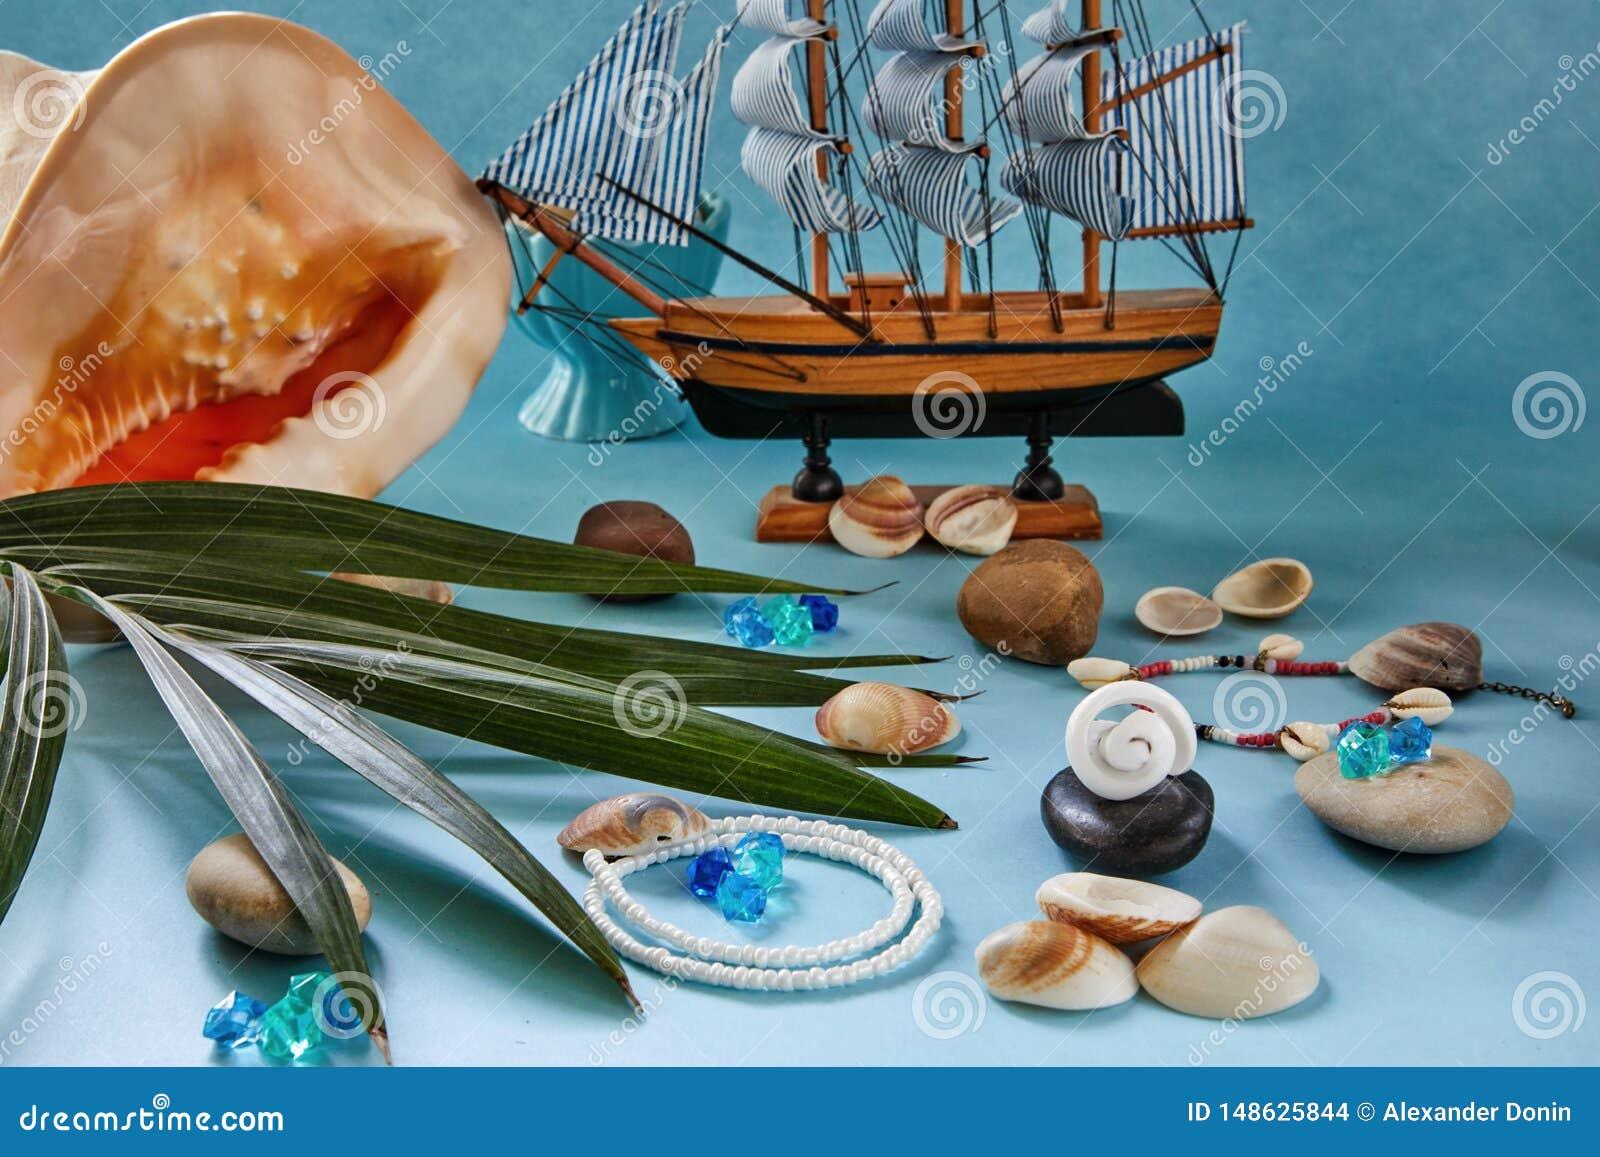 Strandtoebehoren, zeeschelpen en boot op een blauwe achtergrond